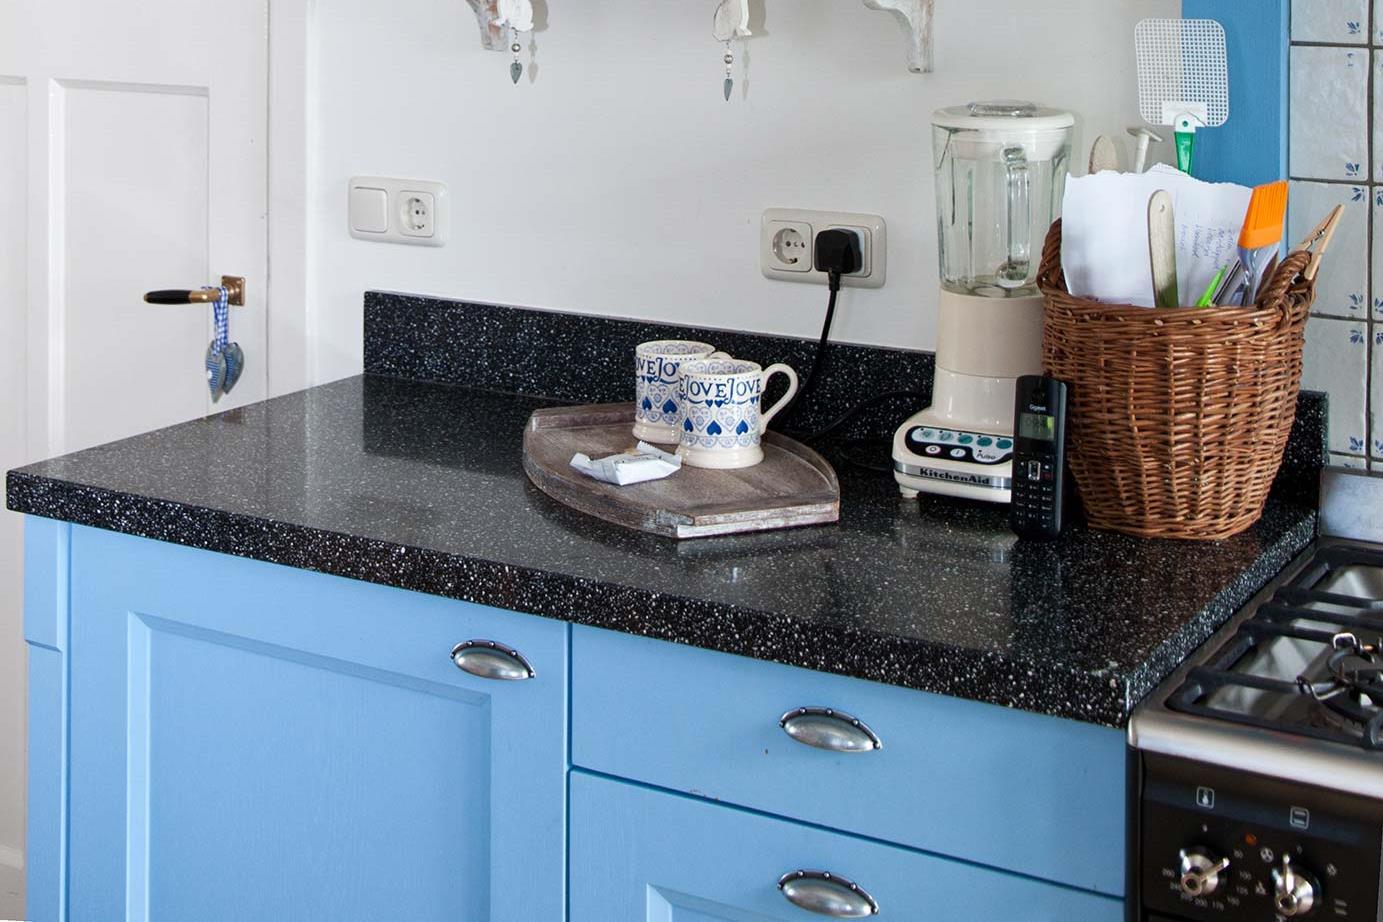 Handgrepen Keuken Zwart : Handgrepen keuken. 300+ modellen. Praktisch advies! – Pelma